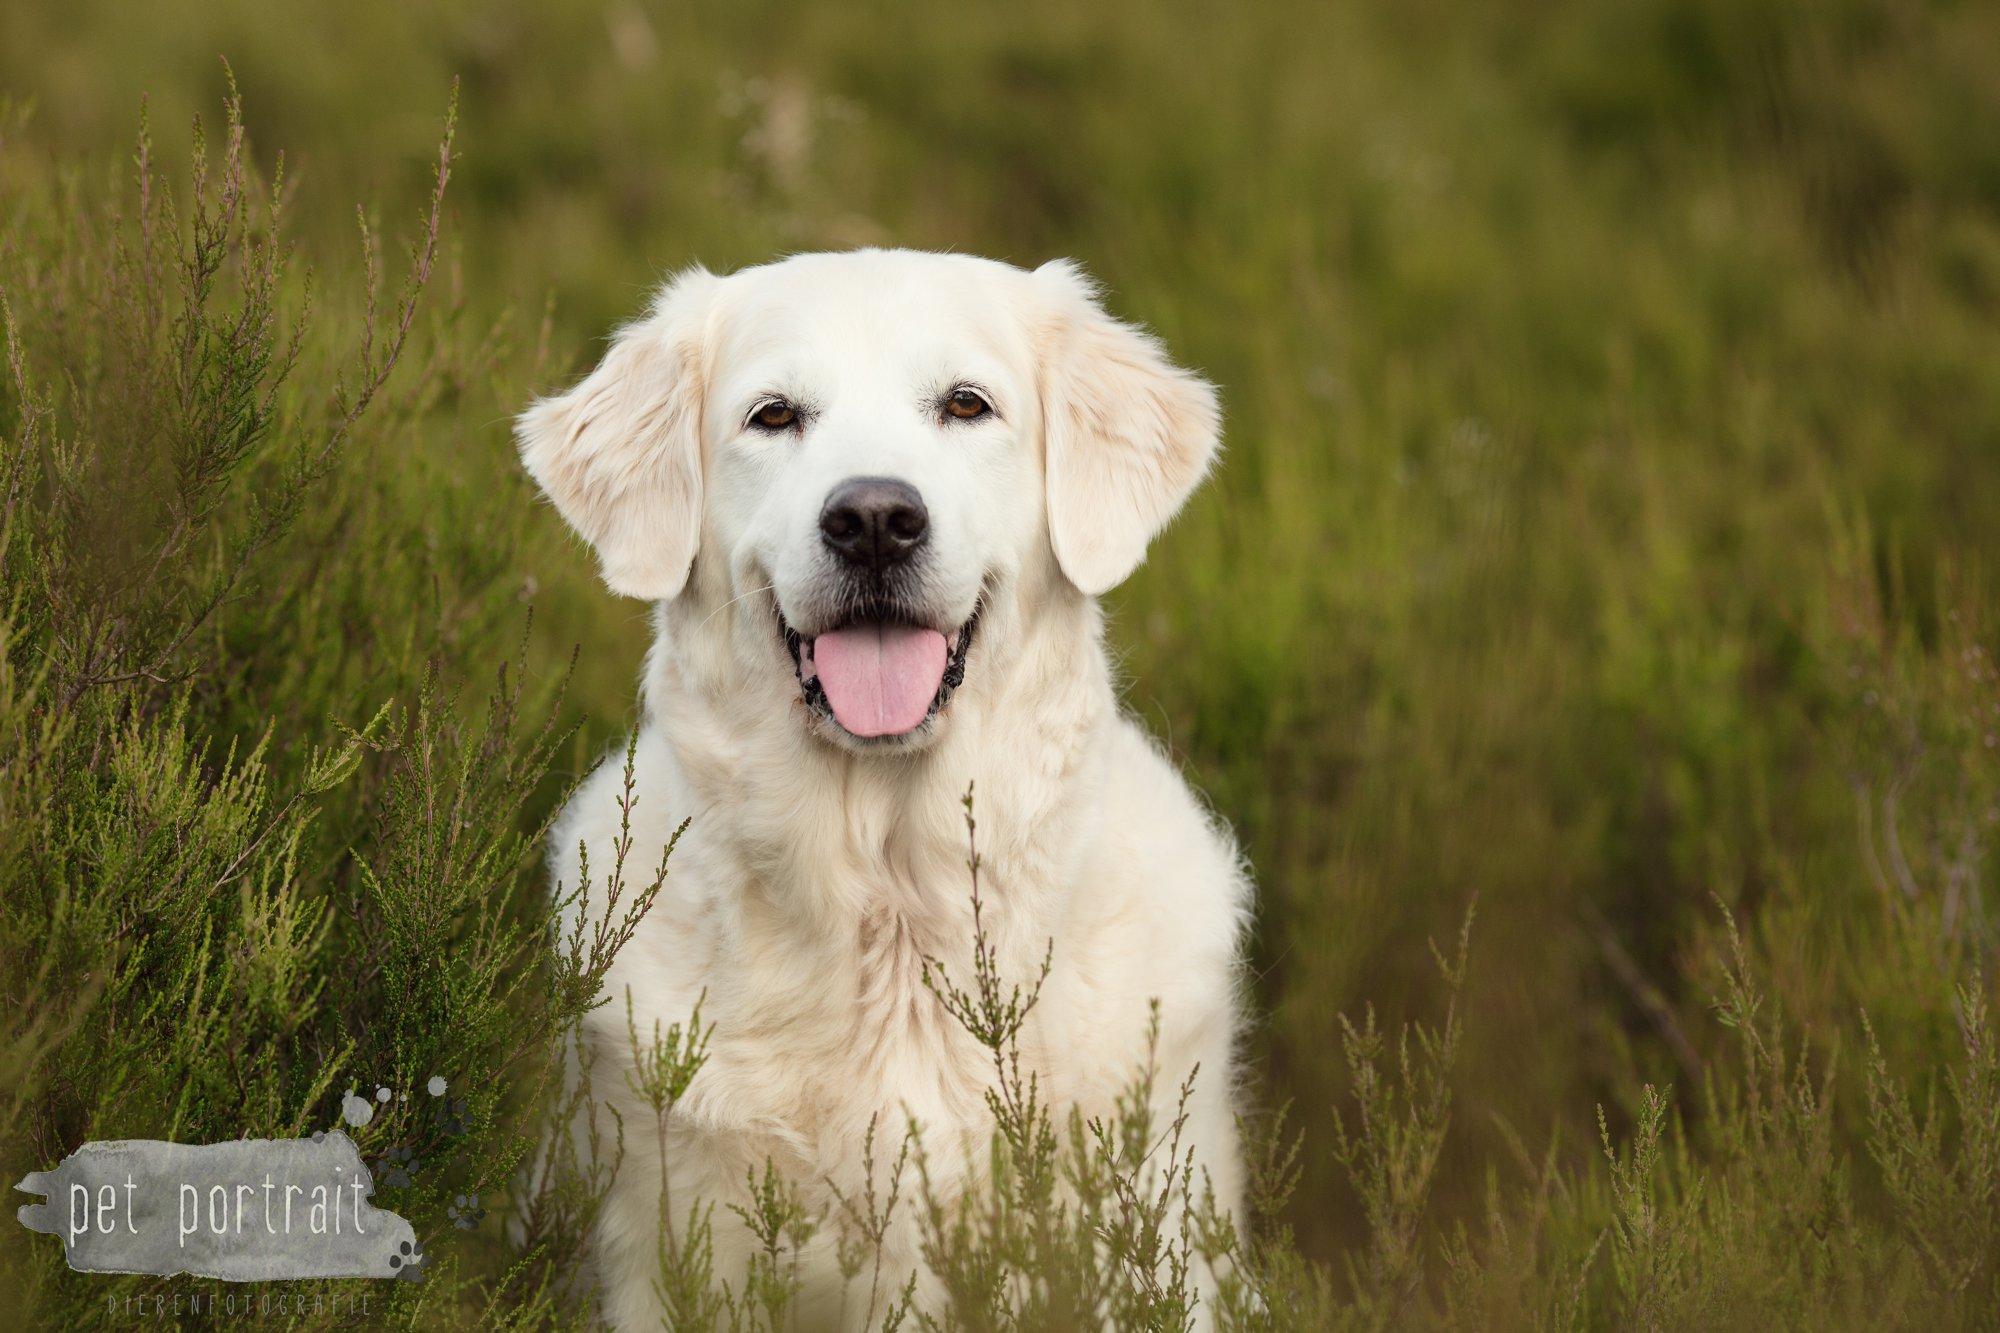 Hondenfotograaf Soest - Dier en Baasje fotoshoot in de Soesterduinen-5